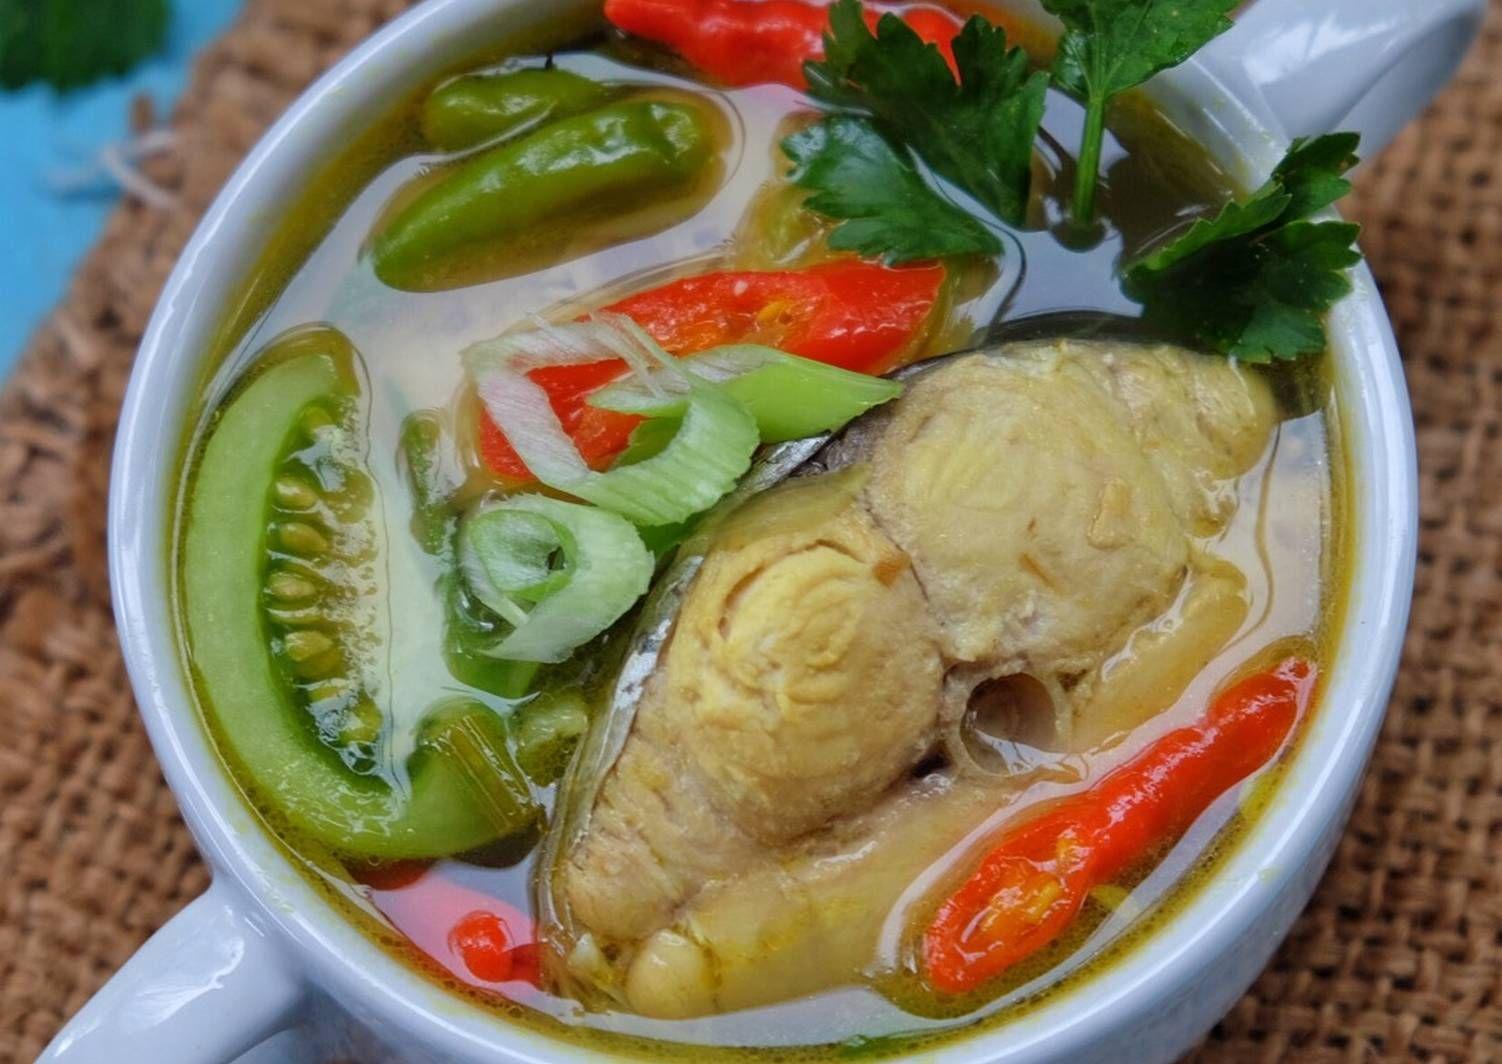 Resep Tenggiri Kuah Asam Pedas Oleh Susi Agung Resep Makanan Ikan Fotografi Makanan Saus Ikan